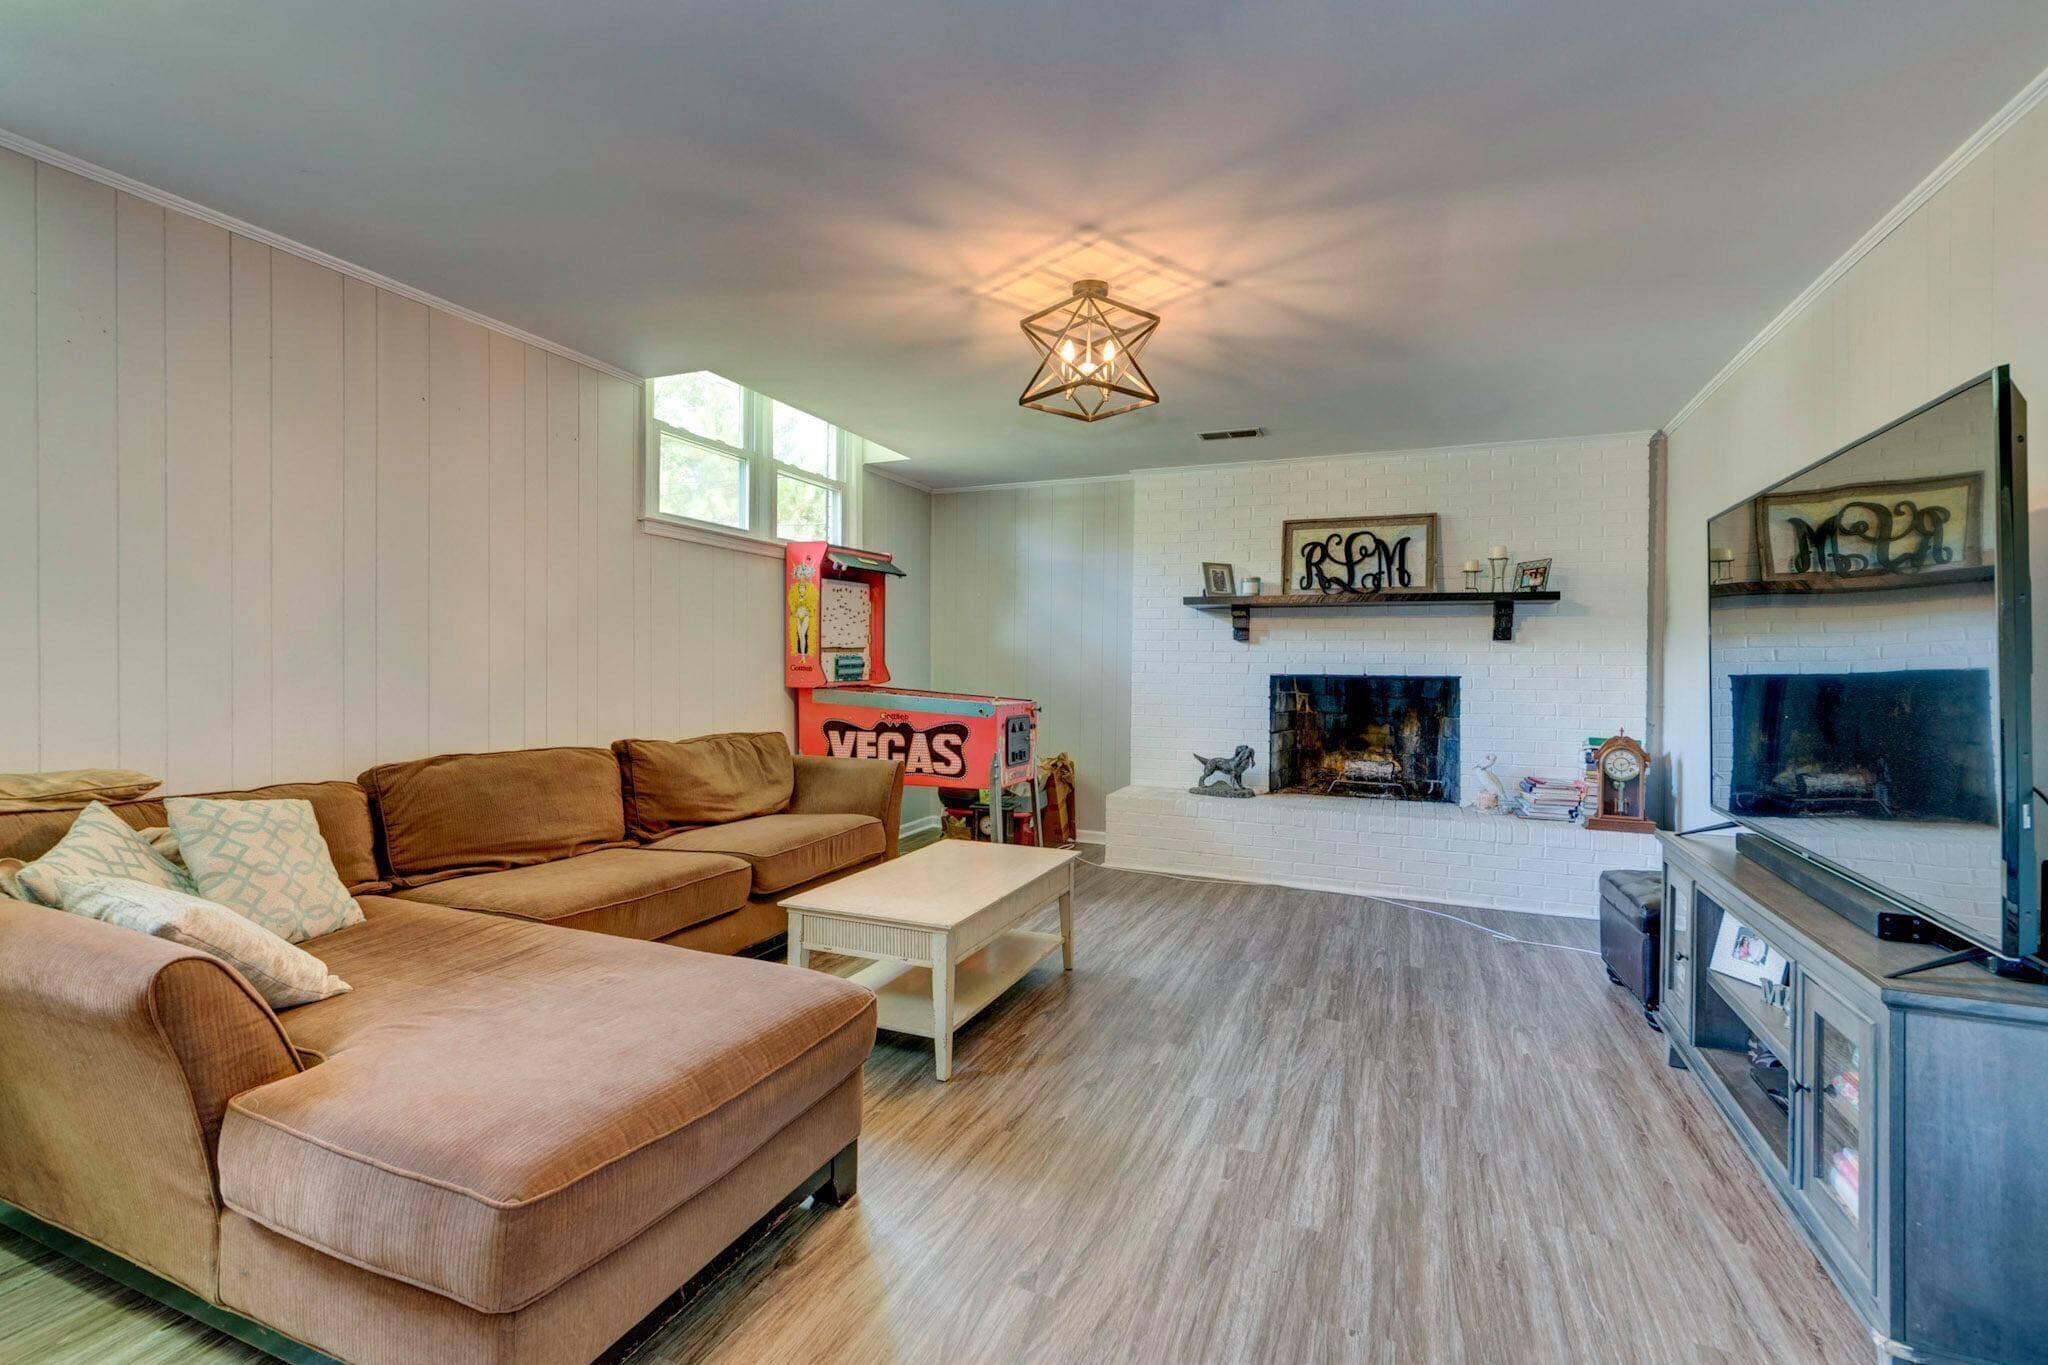 Clarks Point Homes For Sale - 1257 Julian Clark, Charleston, SC - 6